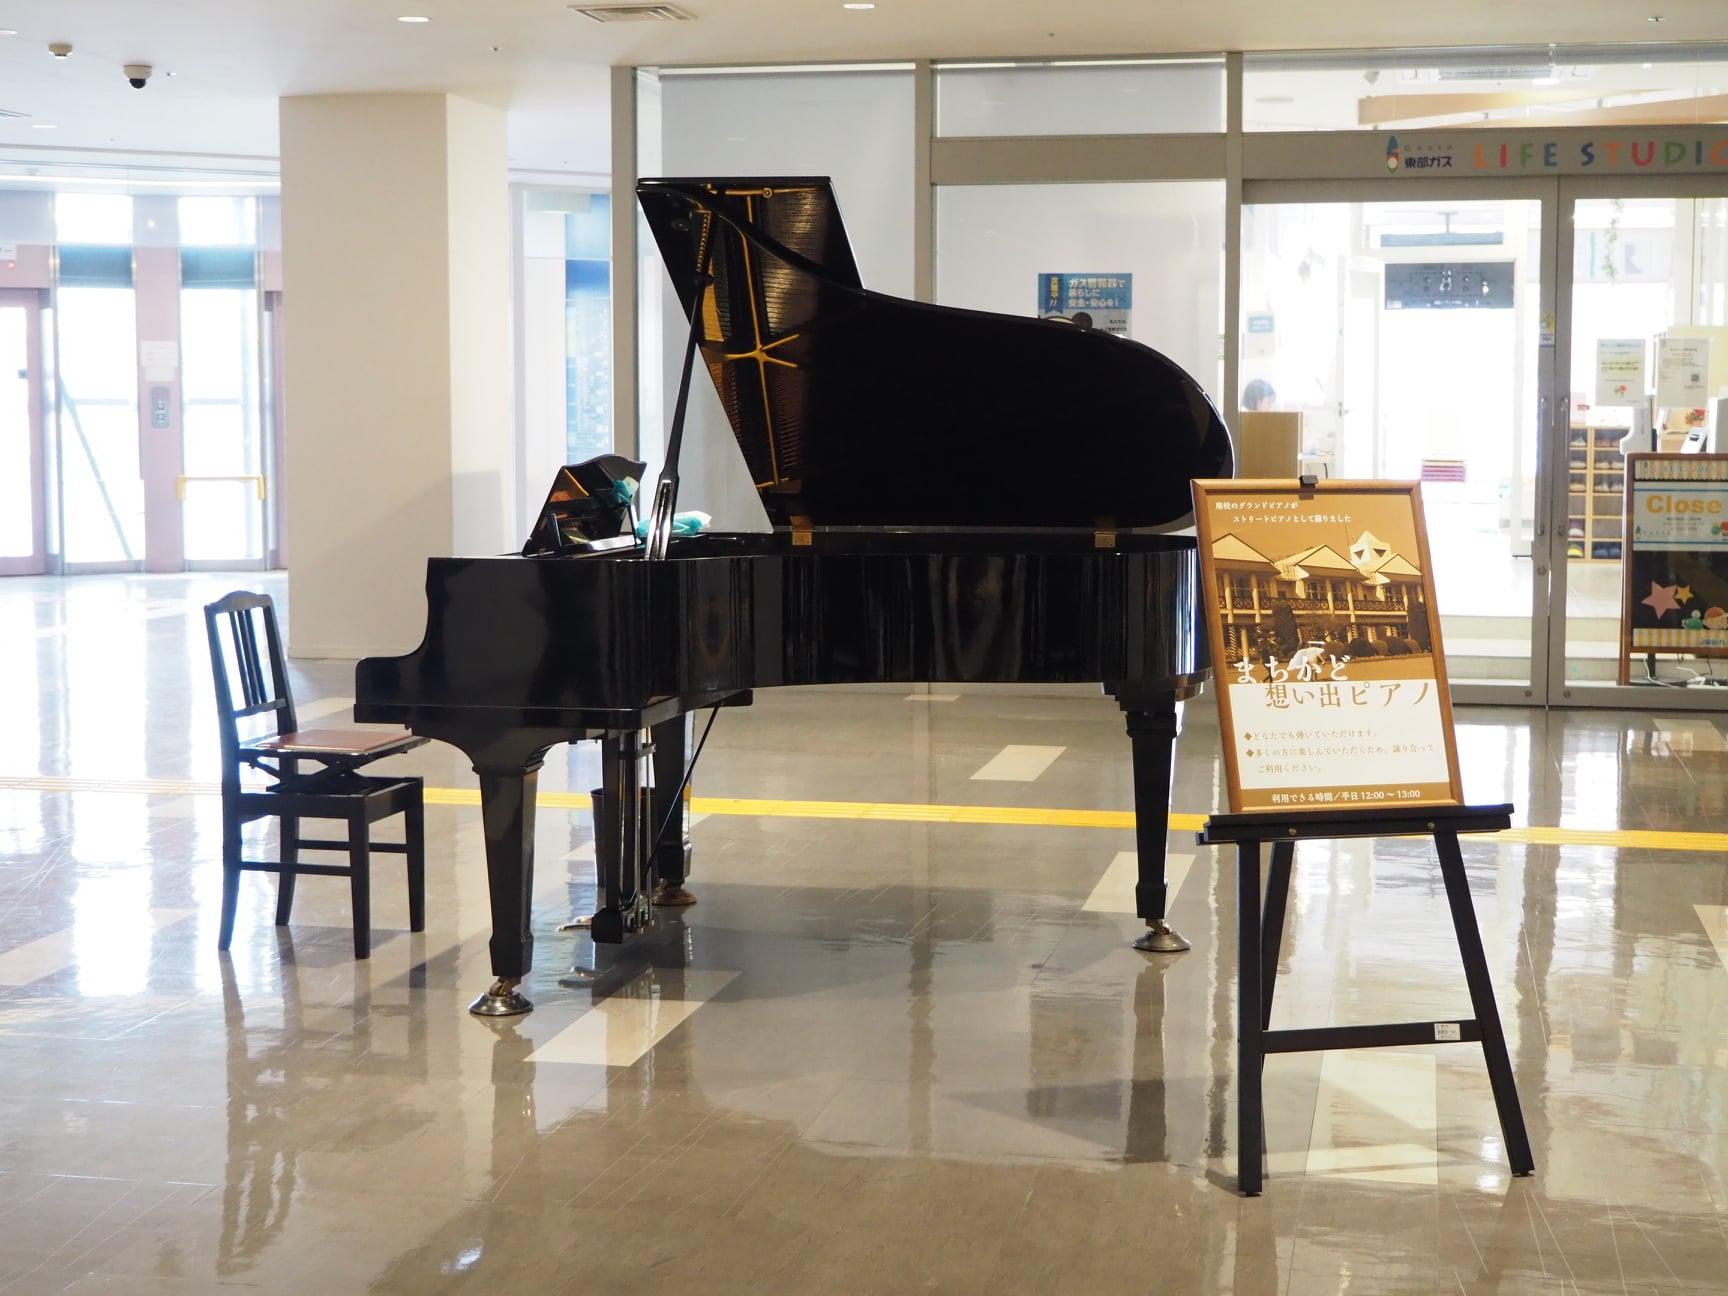 土浦市役所2階にストリートピアノを設置しましたpage-visual 土浦市役所2階にストリートピアノを設置しましたビジュアル